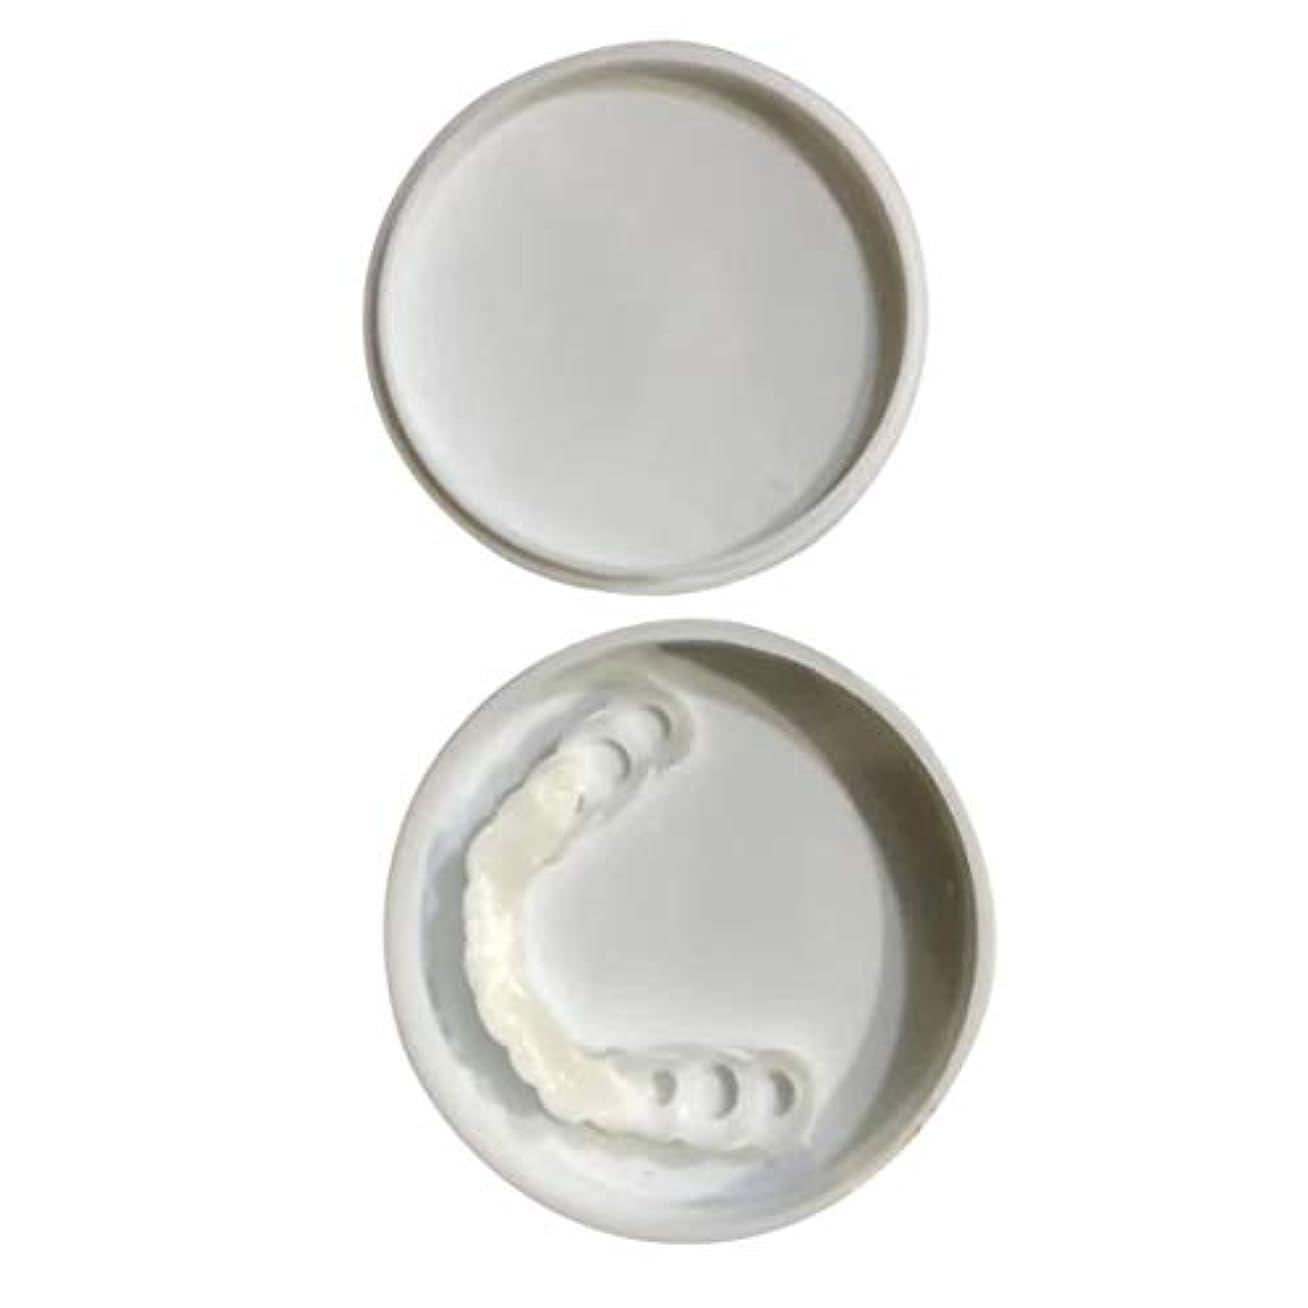 オッズちょうつがい雨の快適なスナップオン男性女性歯インスタントパーフェクトスマイルコンフォートフィットフレックス歯フィットホワイトニング笑顔偽歯カバー - ホワイト